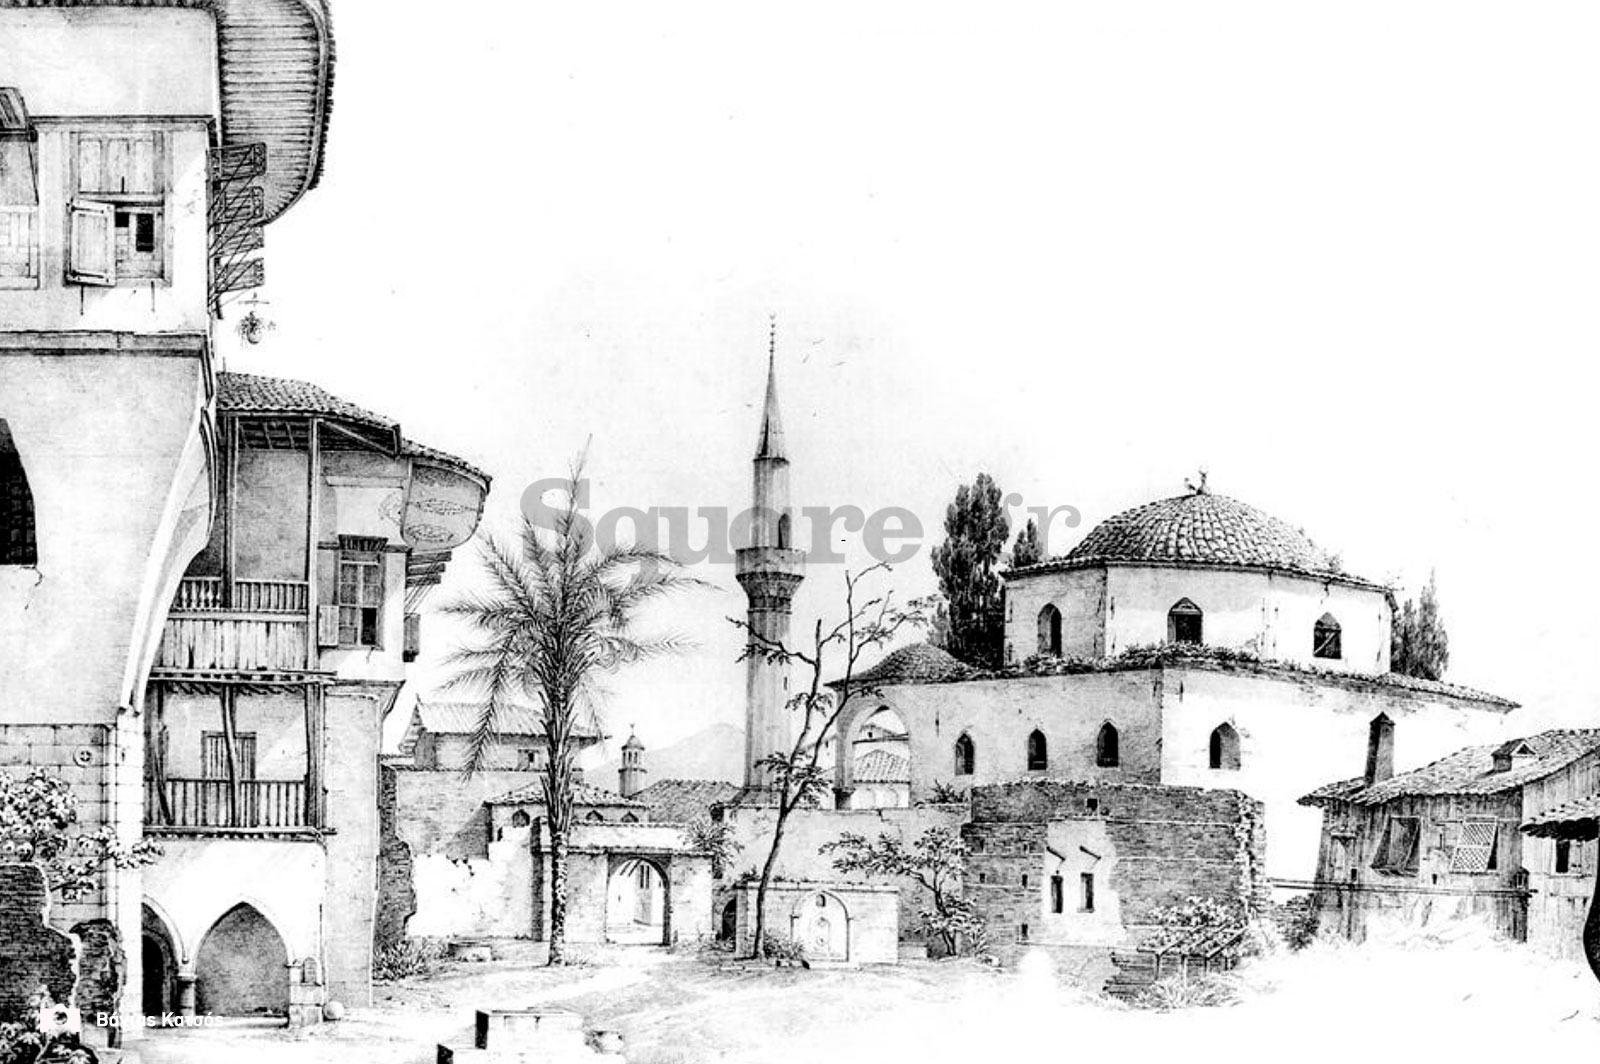 13-Λ-Φ-Κλέντσε-Αυλή-σπιτιού-στη-Χαλκίδα-με-τζαμί-1834